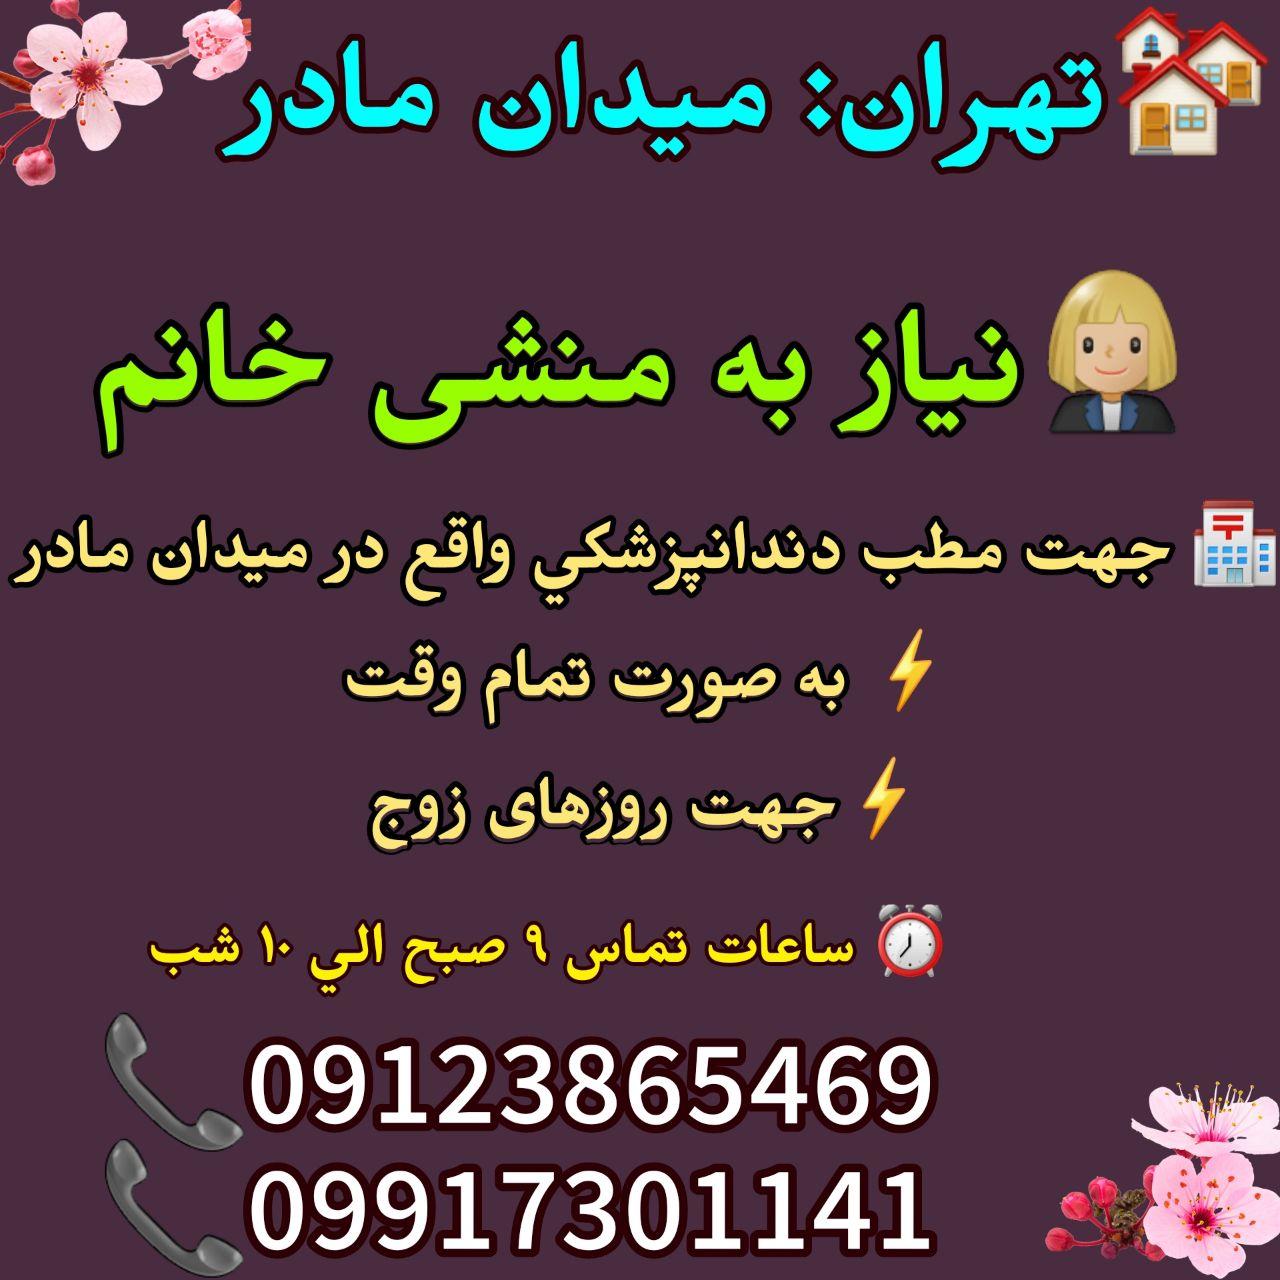 تهران: میدان مادر، نیاز به منشی خانم